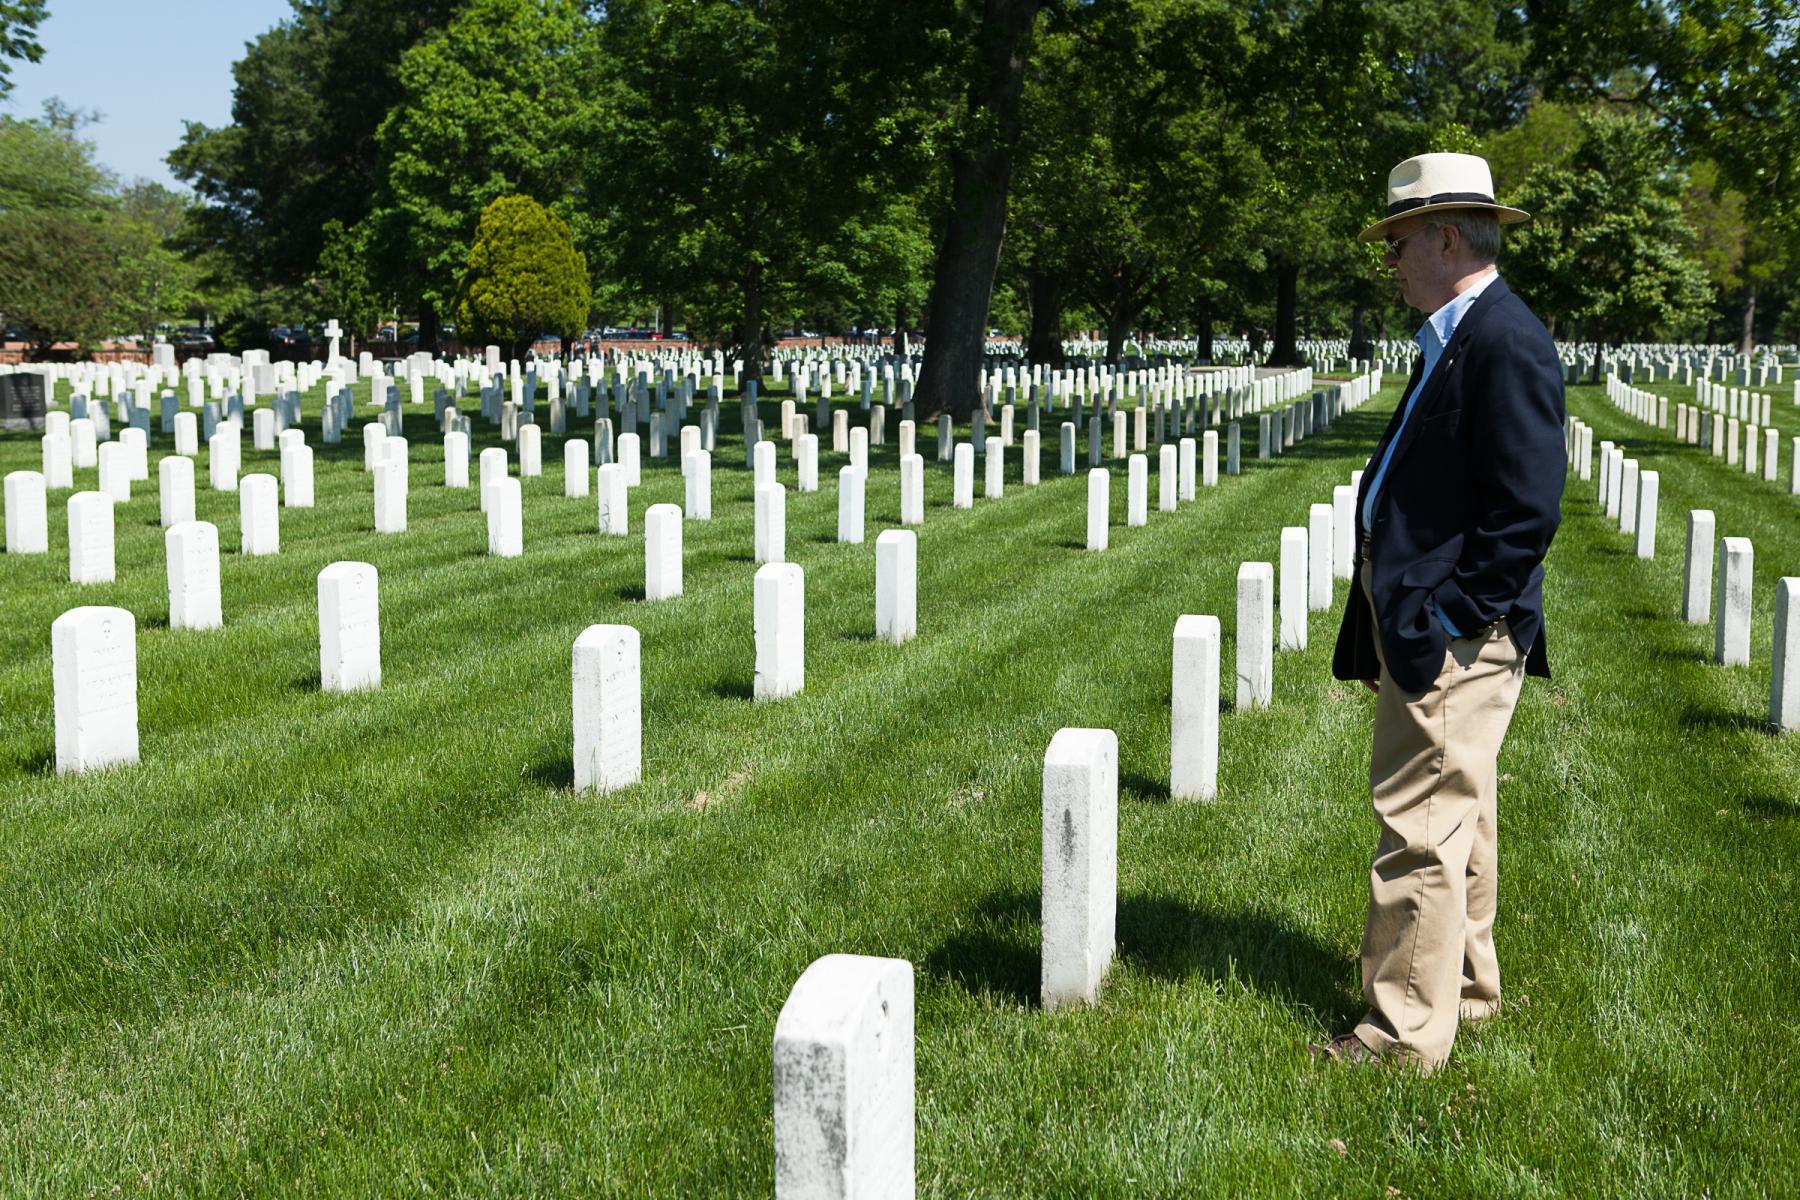 Death Gratuity  Militarycom